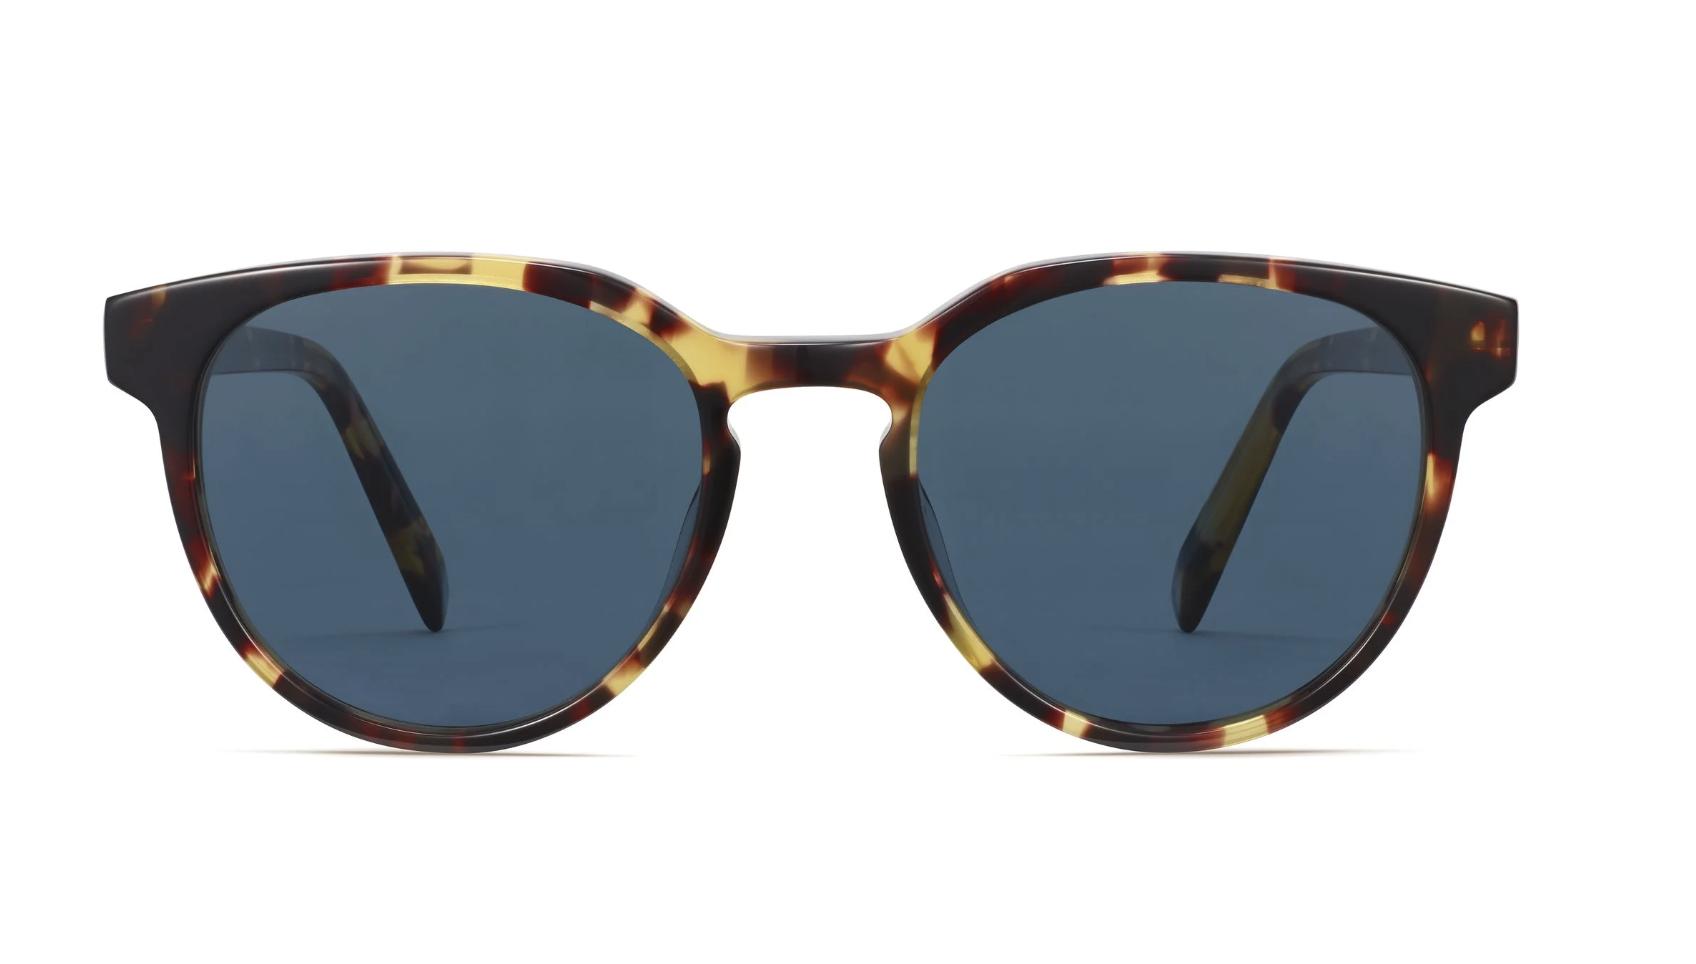 tortoise shell frame sunglasses